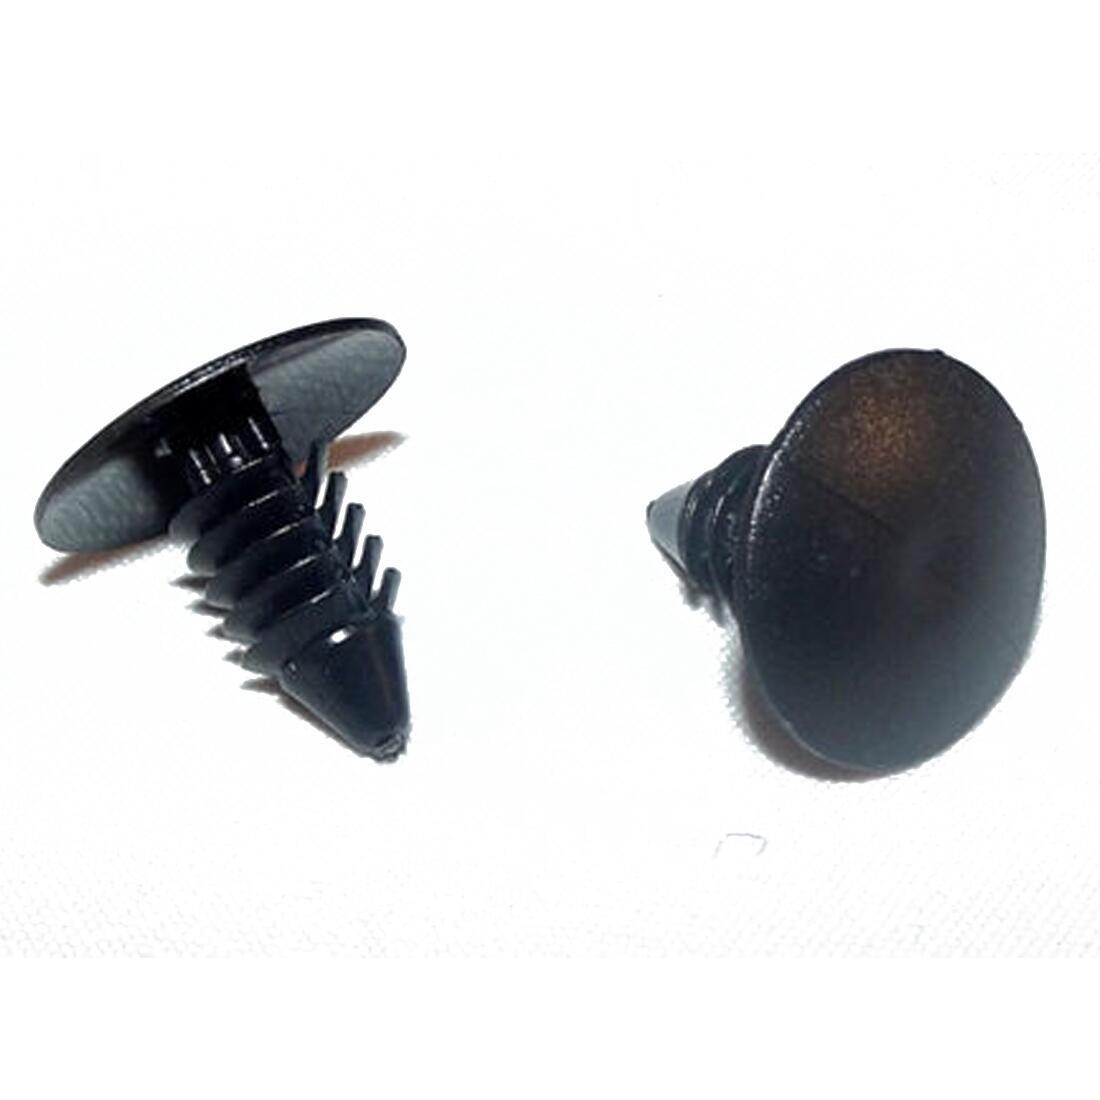 10X Escudo de parachoques Clip retenedor de guardabarros para G.M. 332364 para Ford 389358 para AMC 4004569 para Chrysler 3691590, 6031321